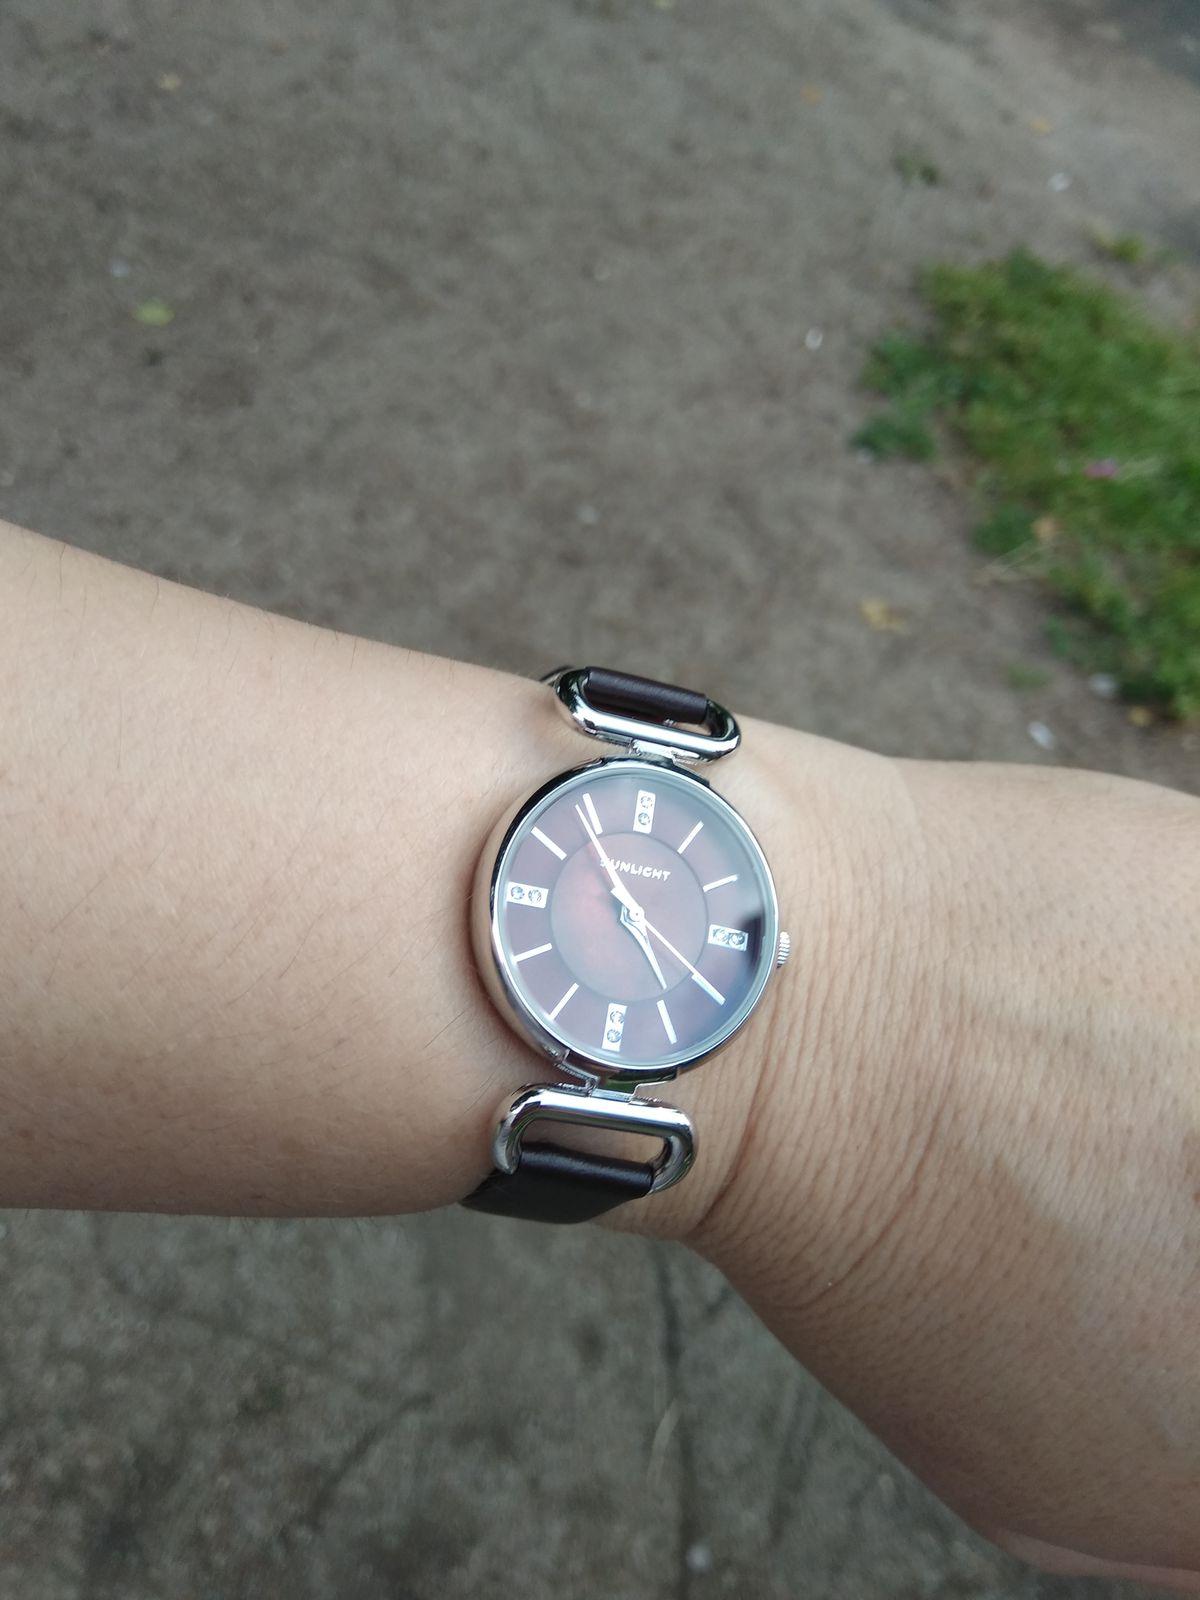 Стильные часы на коричневой ремешке со стразами на циферблате.